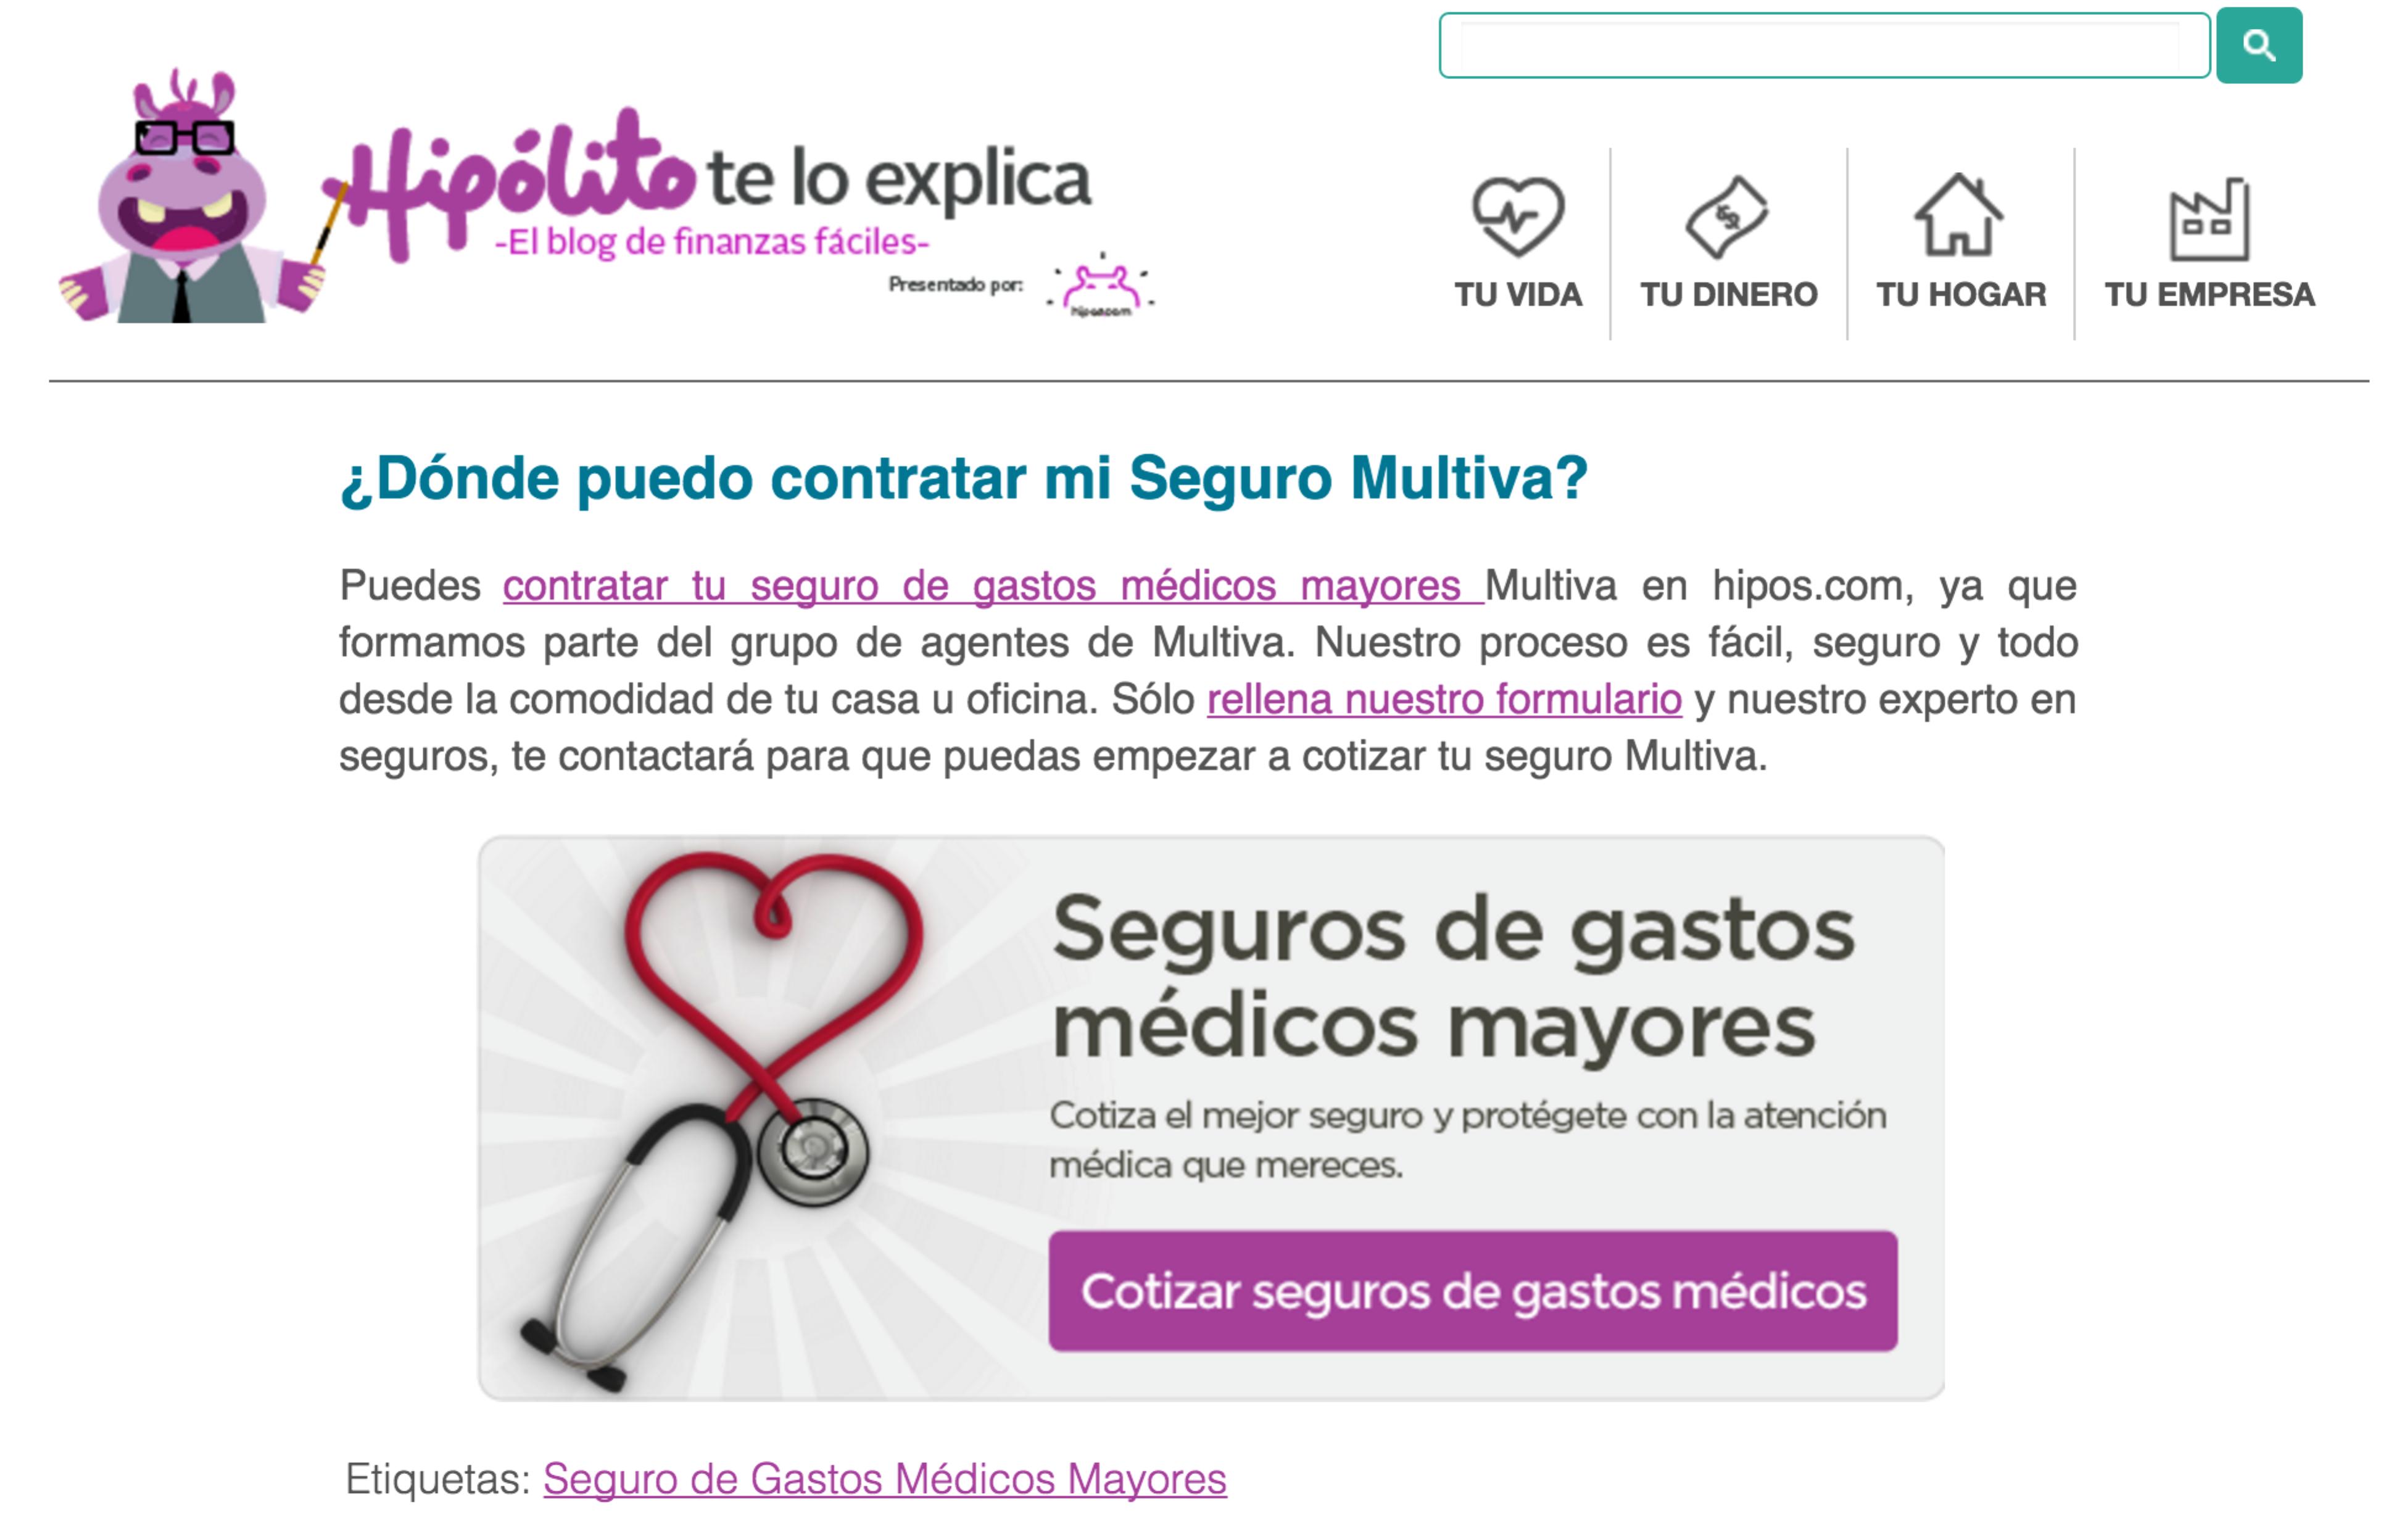 performance marketing bancario en México inbound